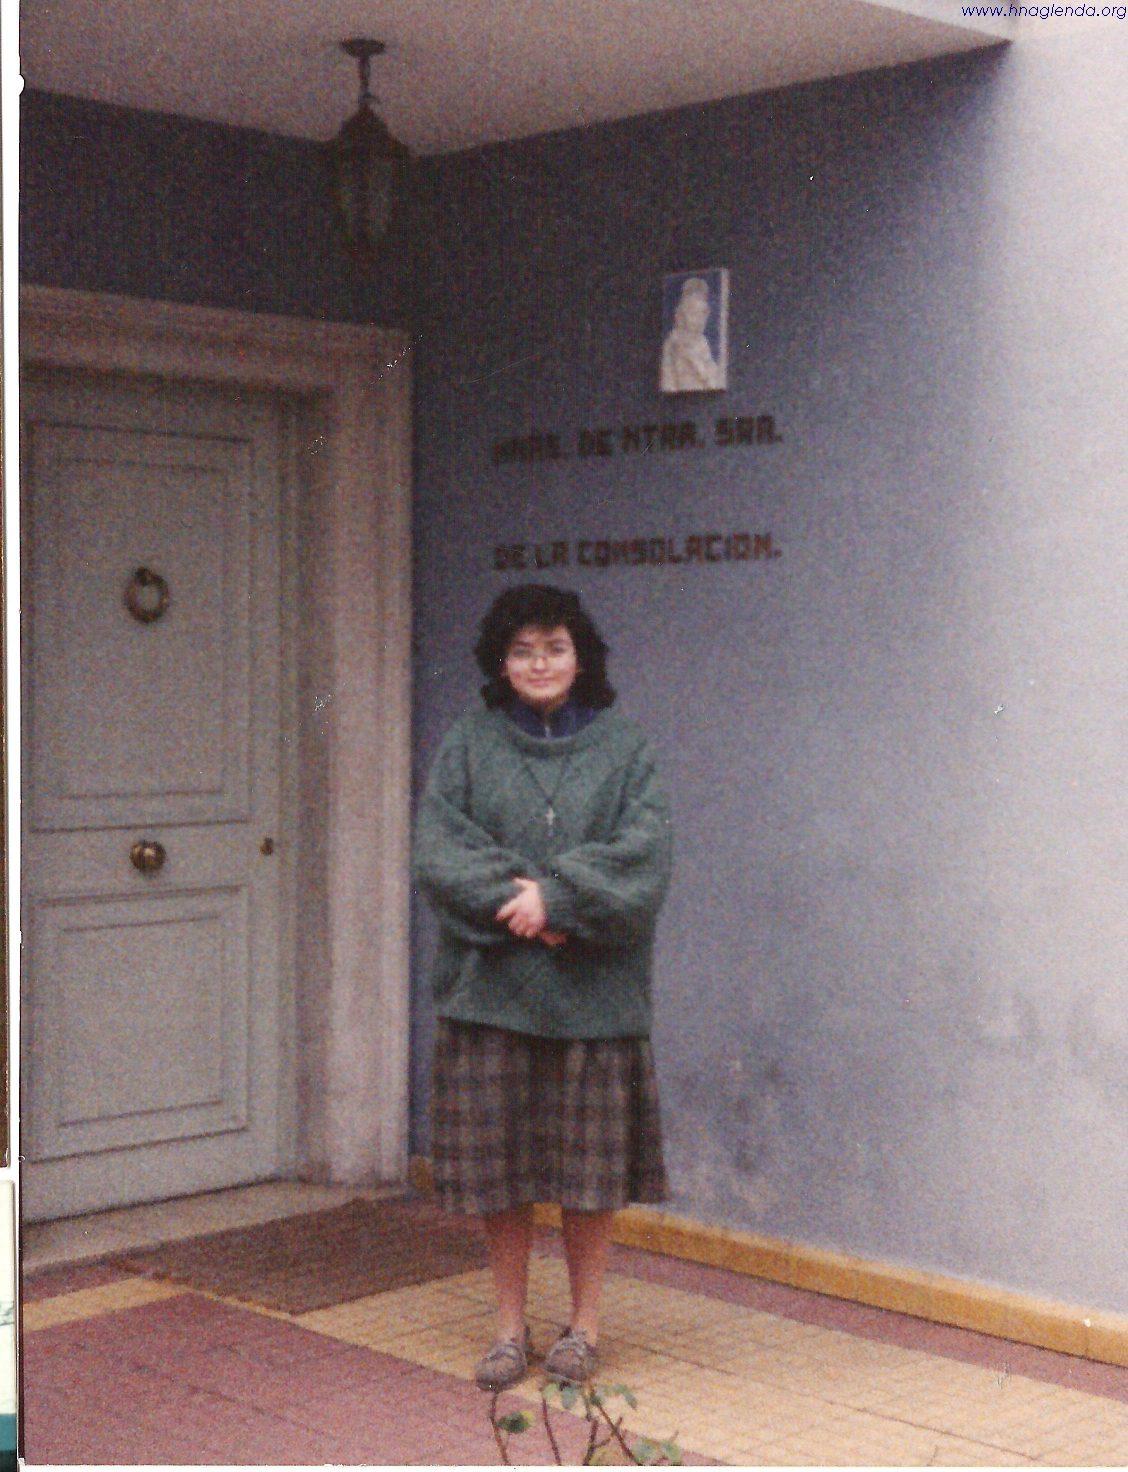 HNA GLENDA POSTULANTE 1988